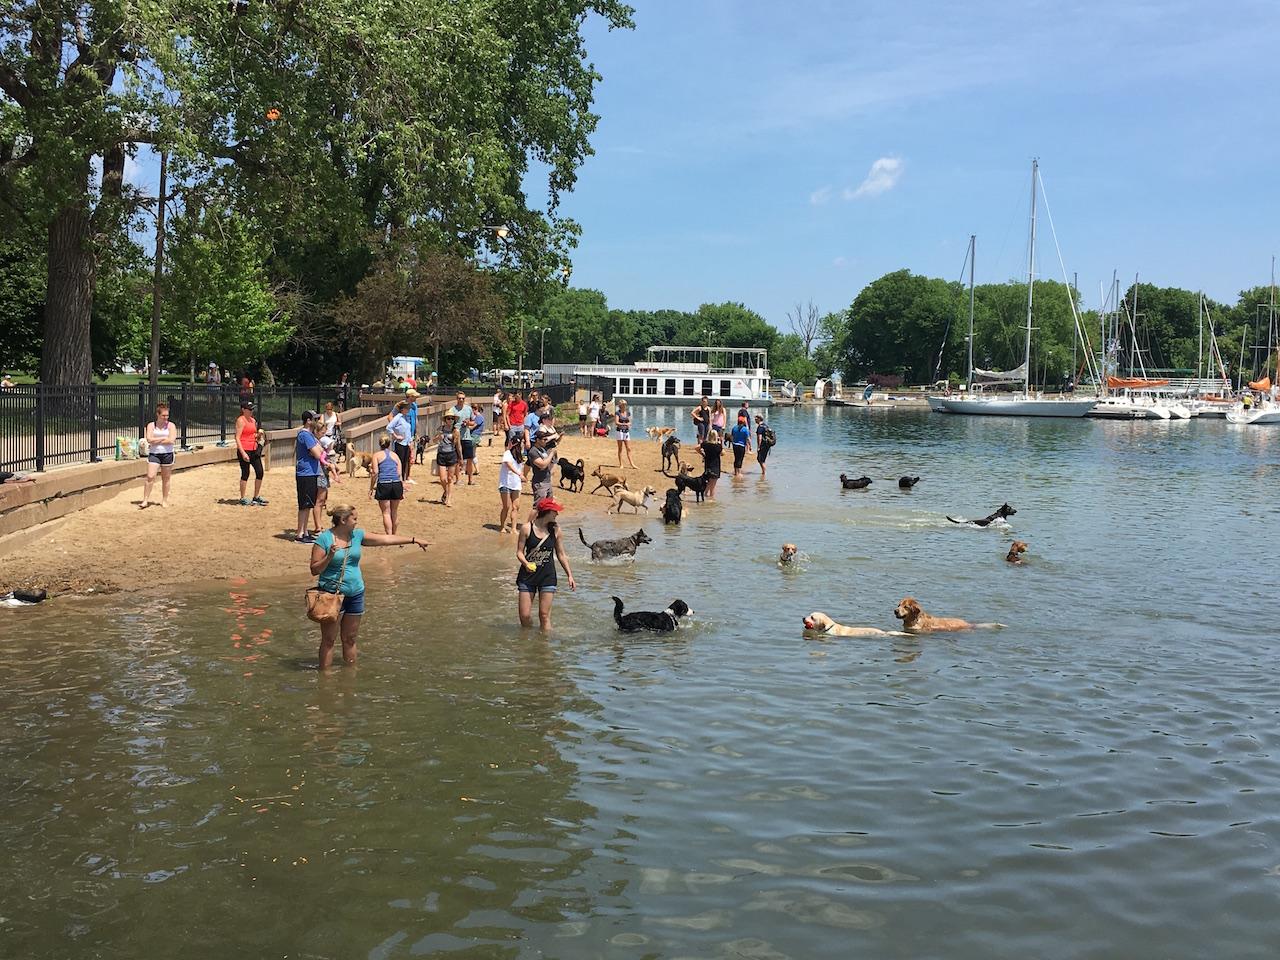 Dog beach in Chicago